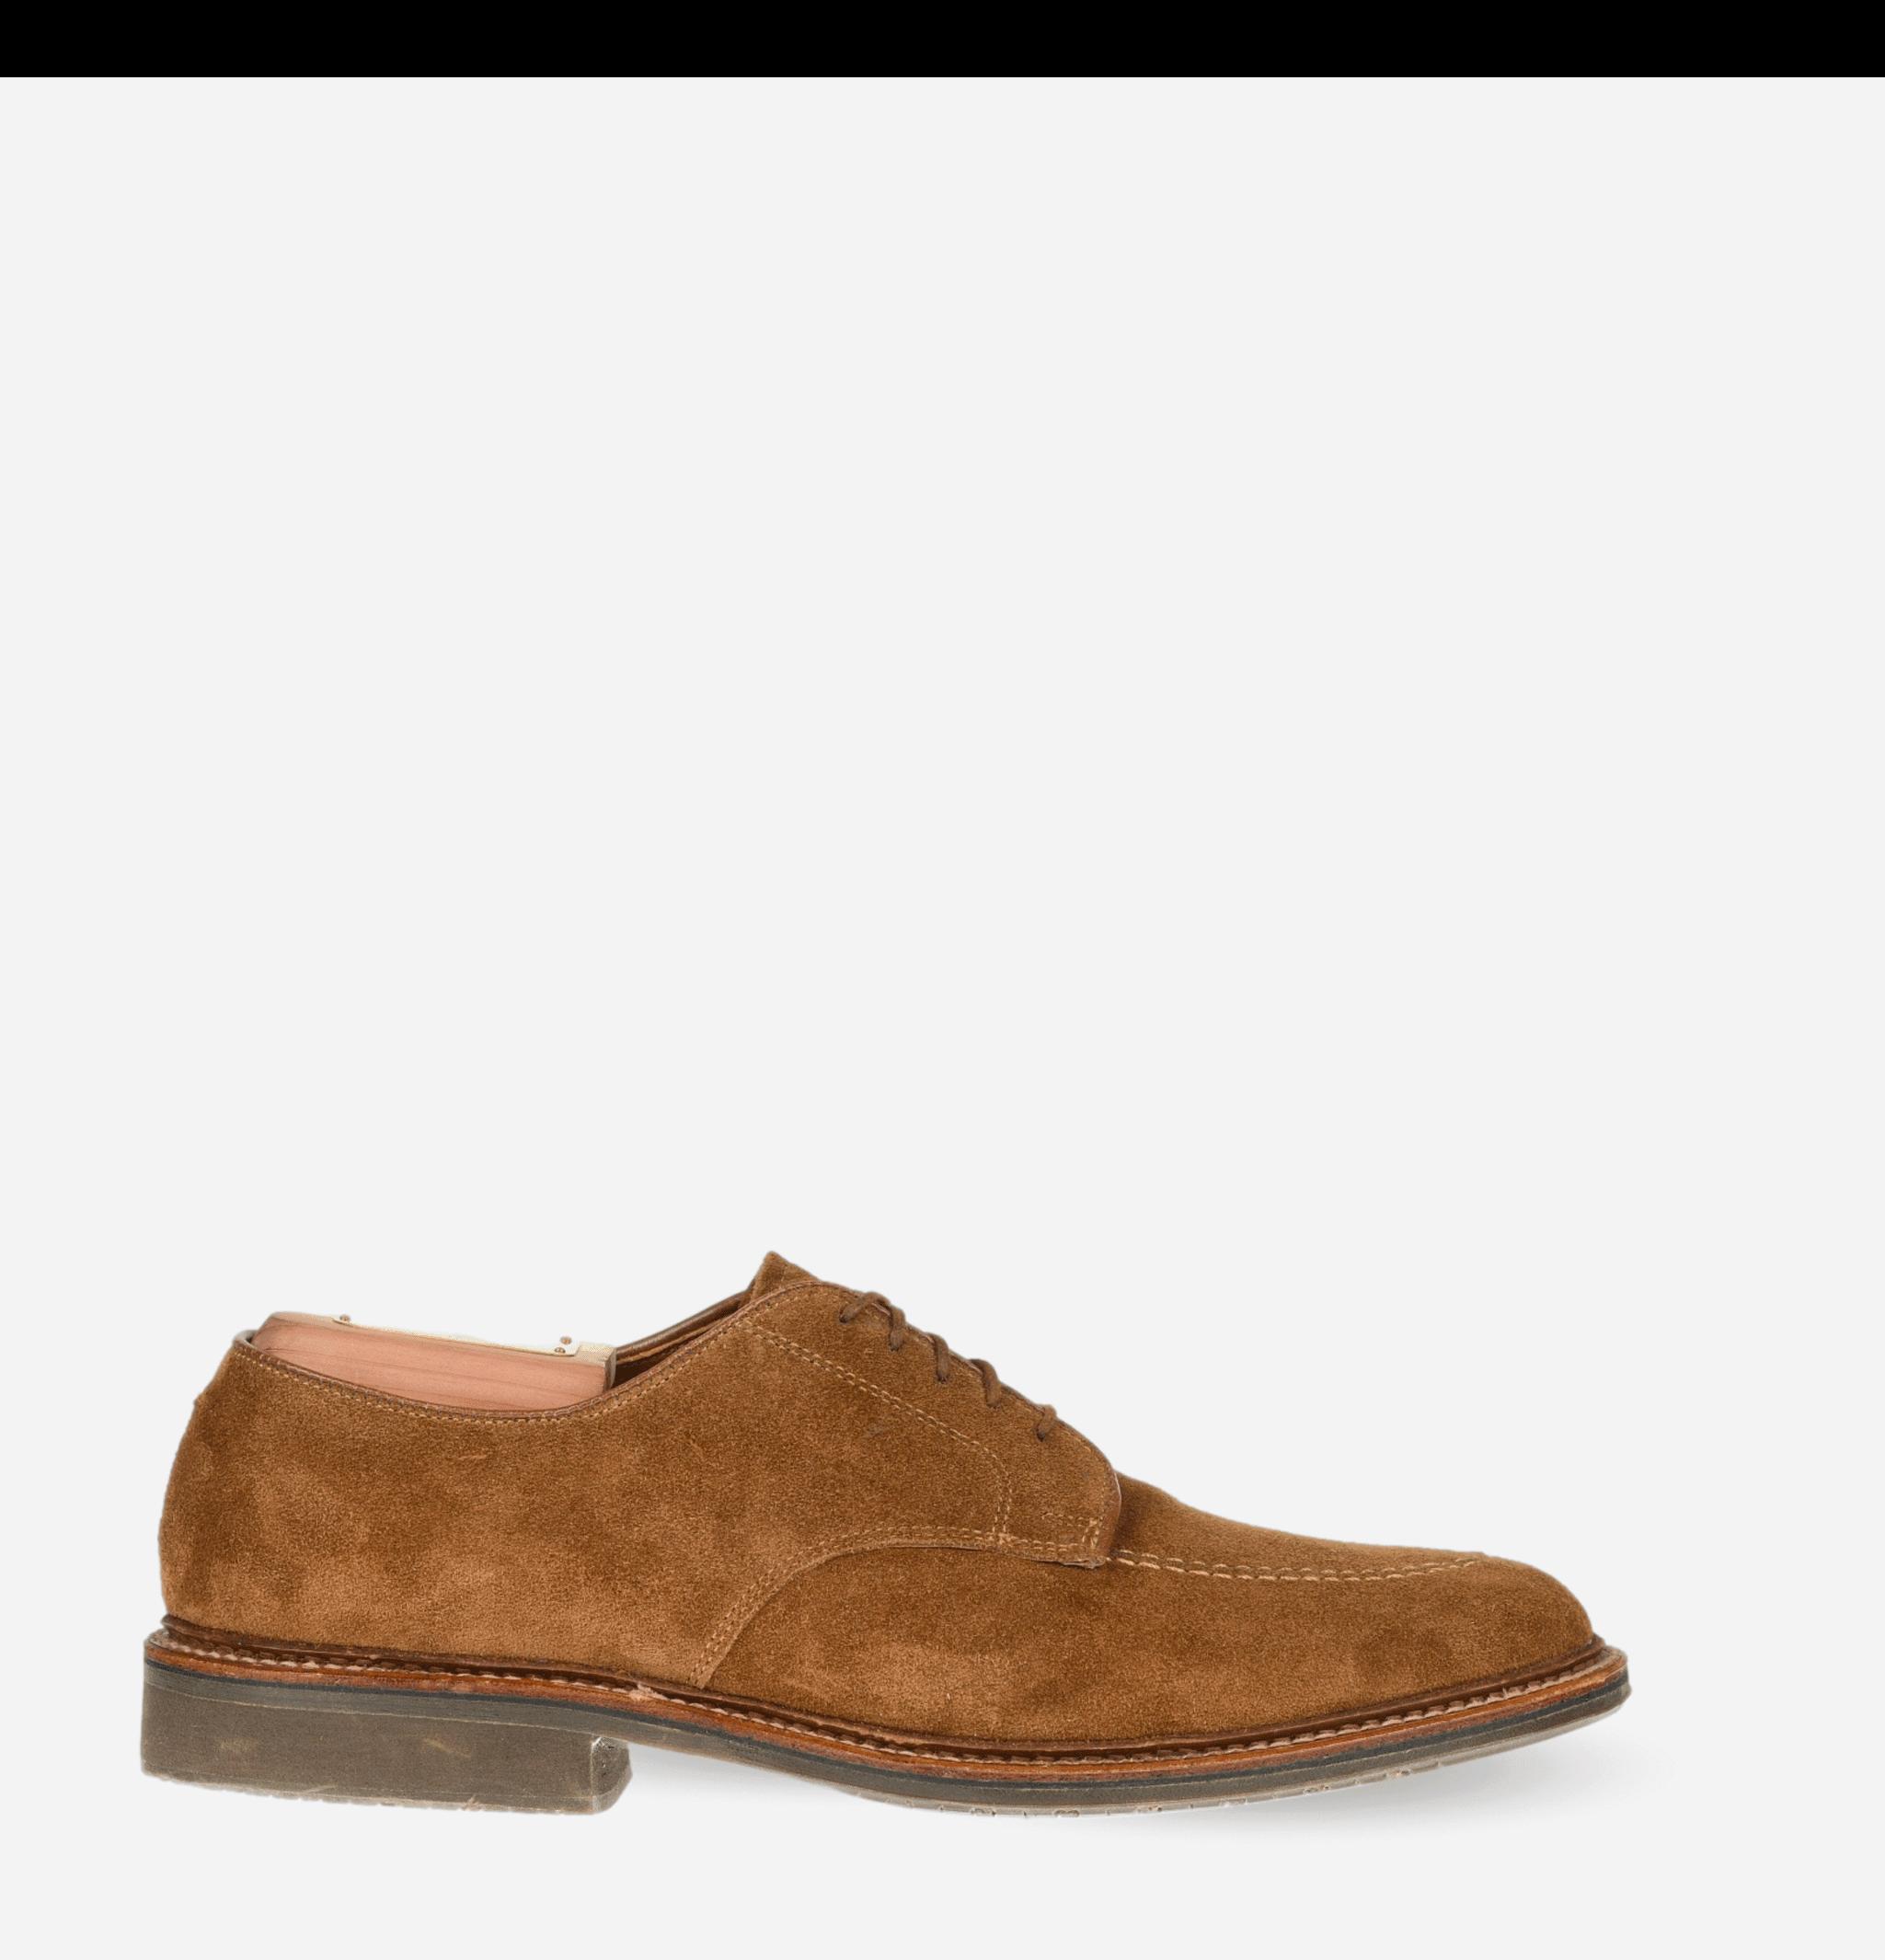 702R - Plain Toe Shoes...